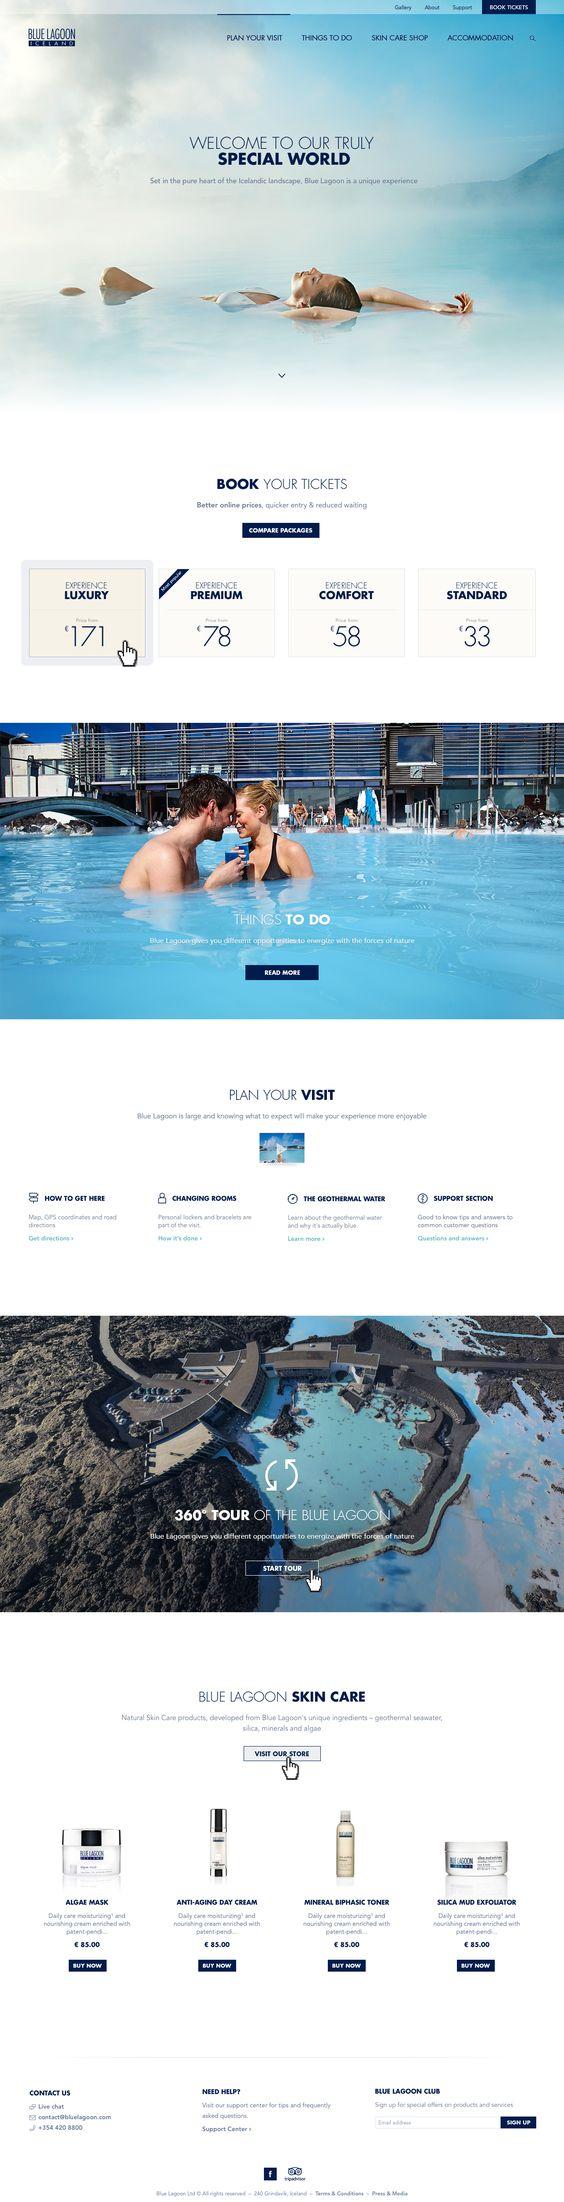 Blue Gradient - web color schemes 2017